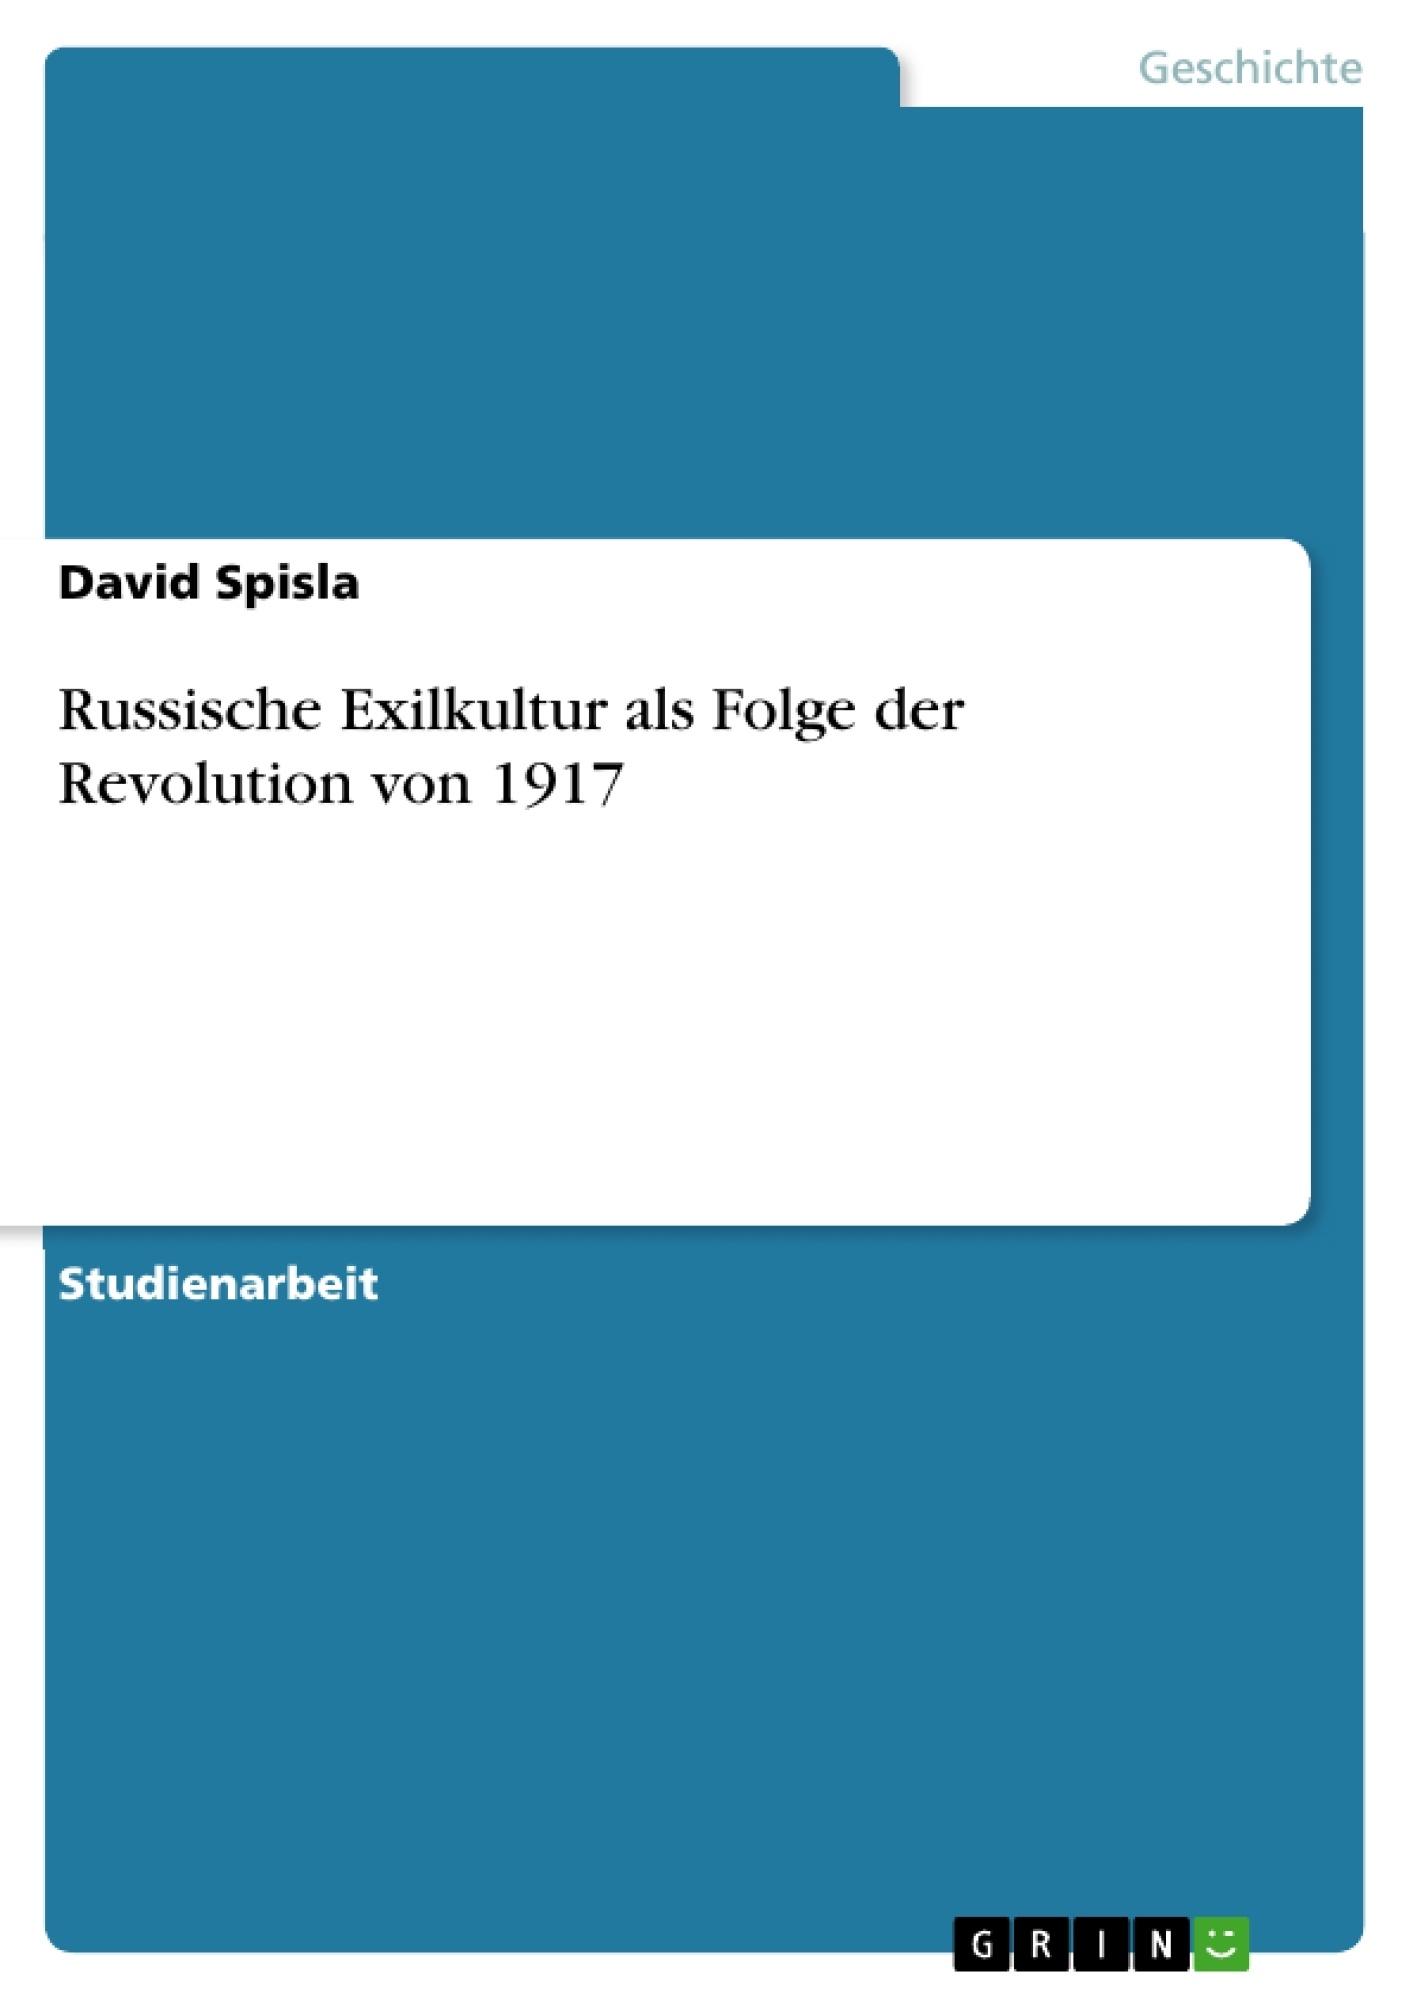 Titel: Russische Exilkultur als Folge der Revolution von 1917